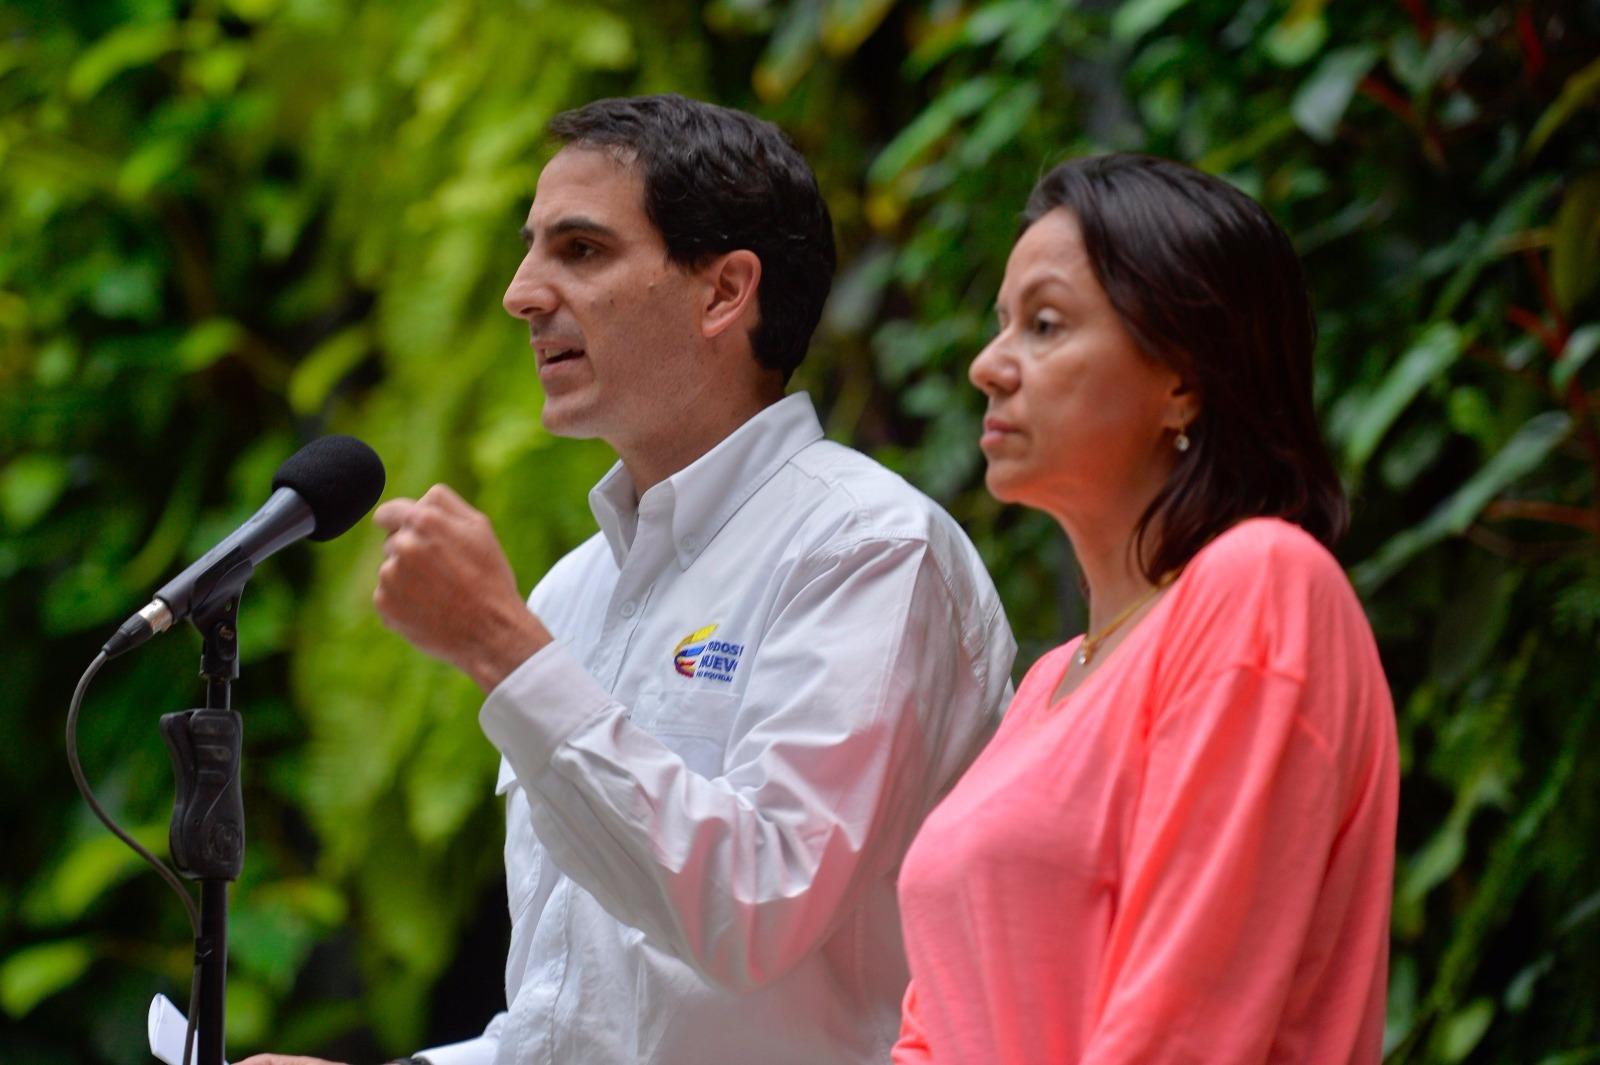 Renuncia Ministro de Minas y Energía por críticas a su gestión frente a El Niño